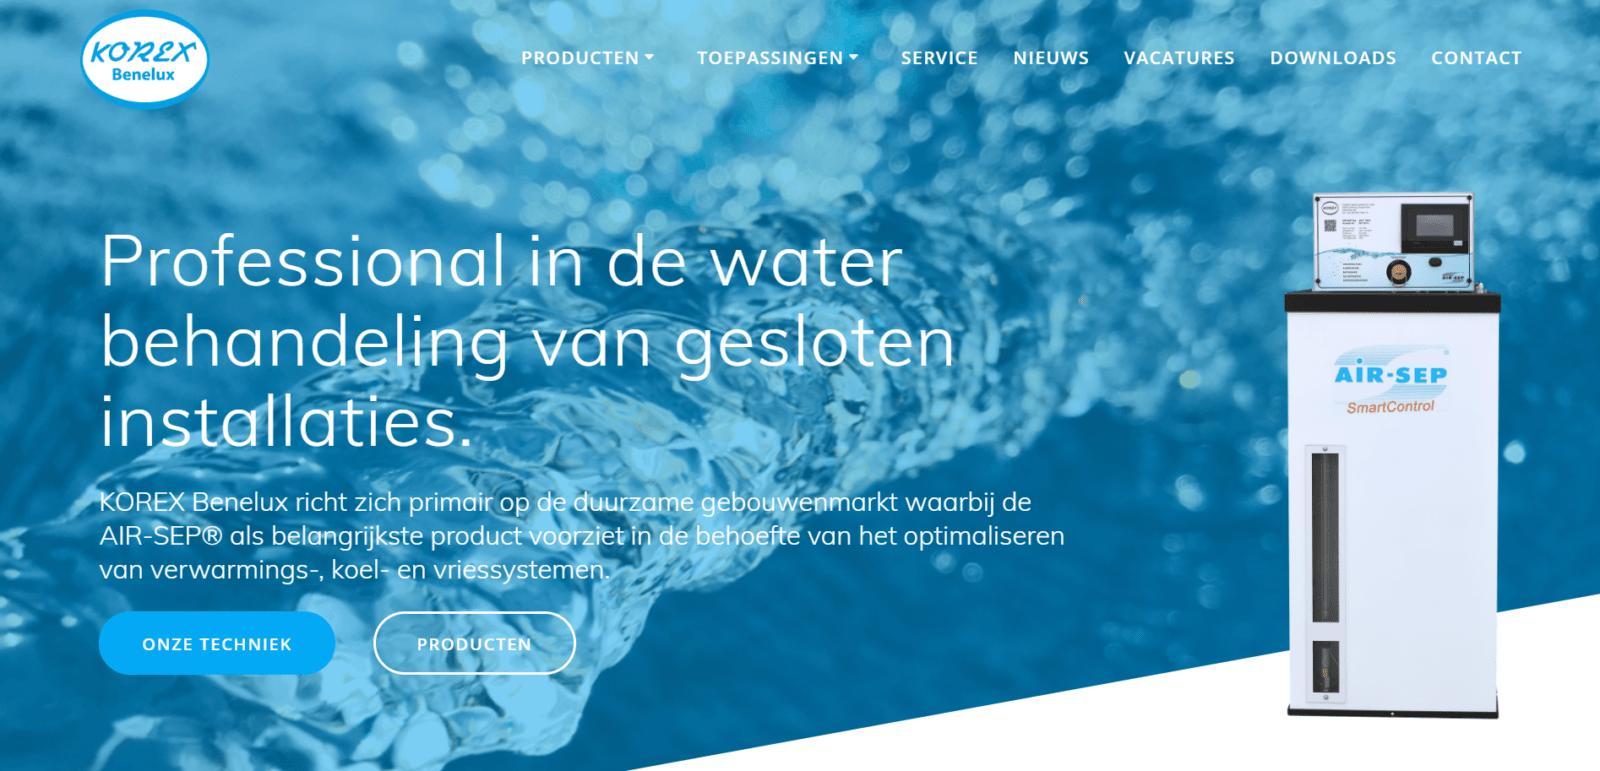 Korex Benelux